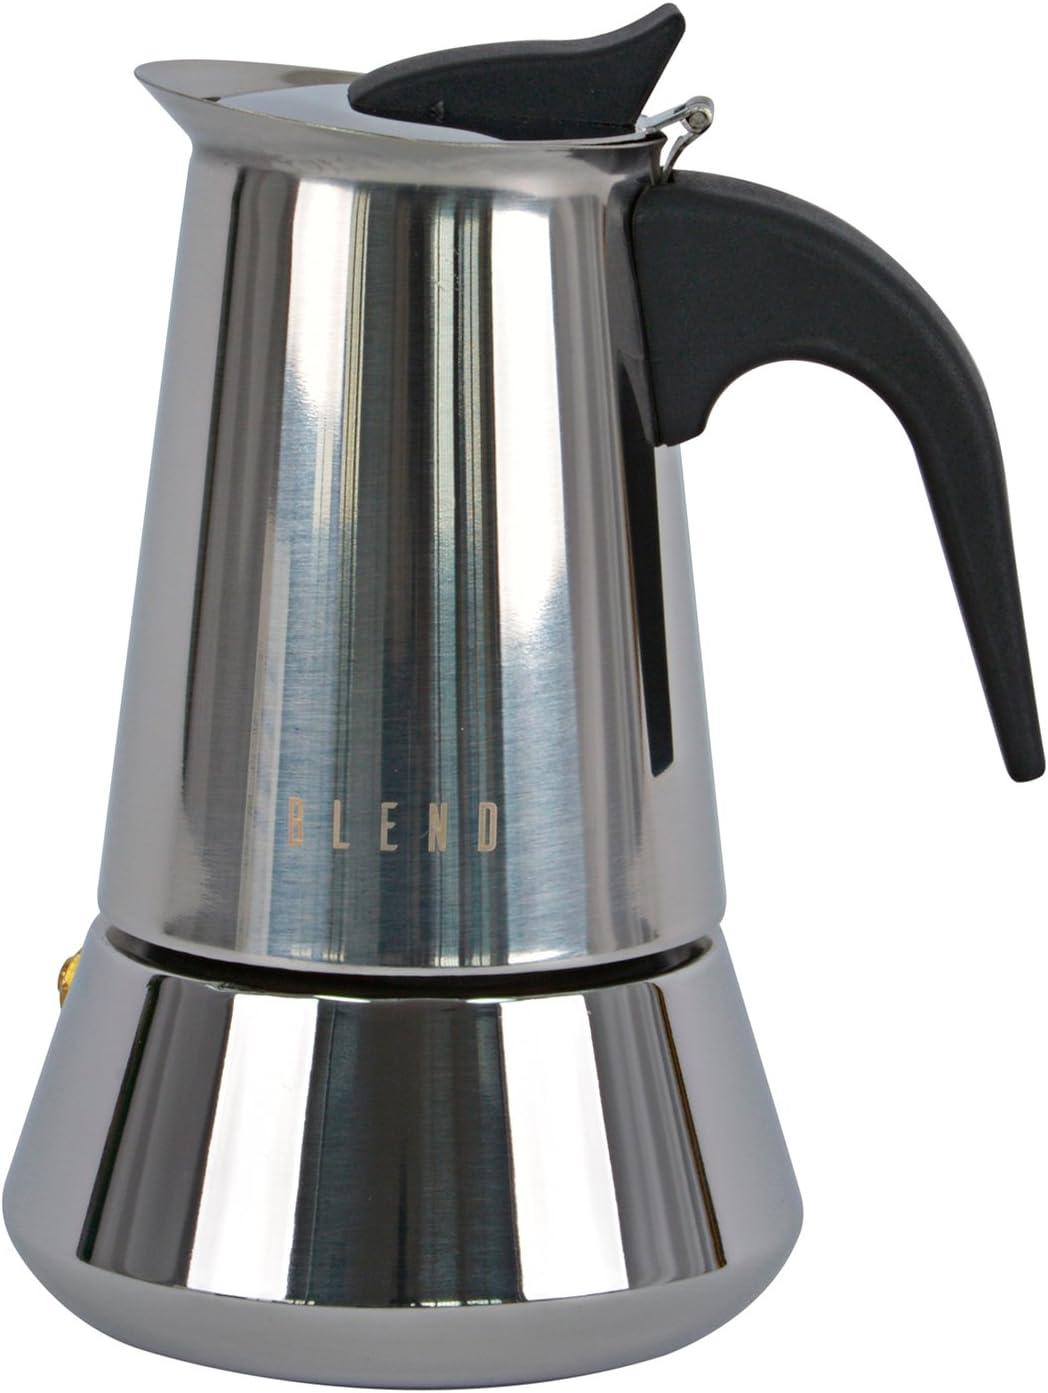 Ideal casa Cafetera 4 Tazas Acero Inoxidable con Fondo inducción ...